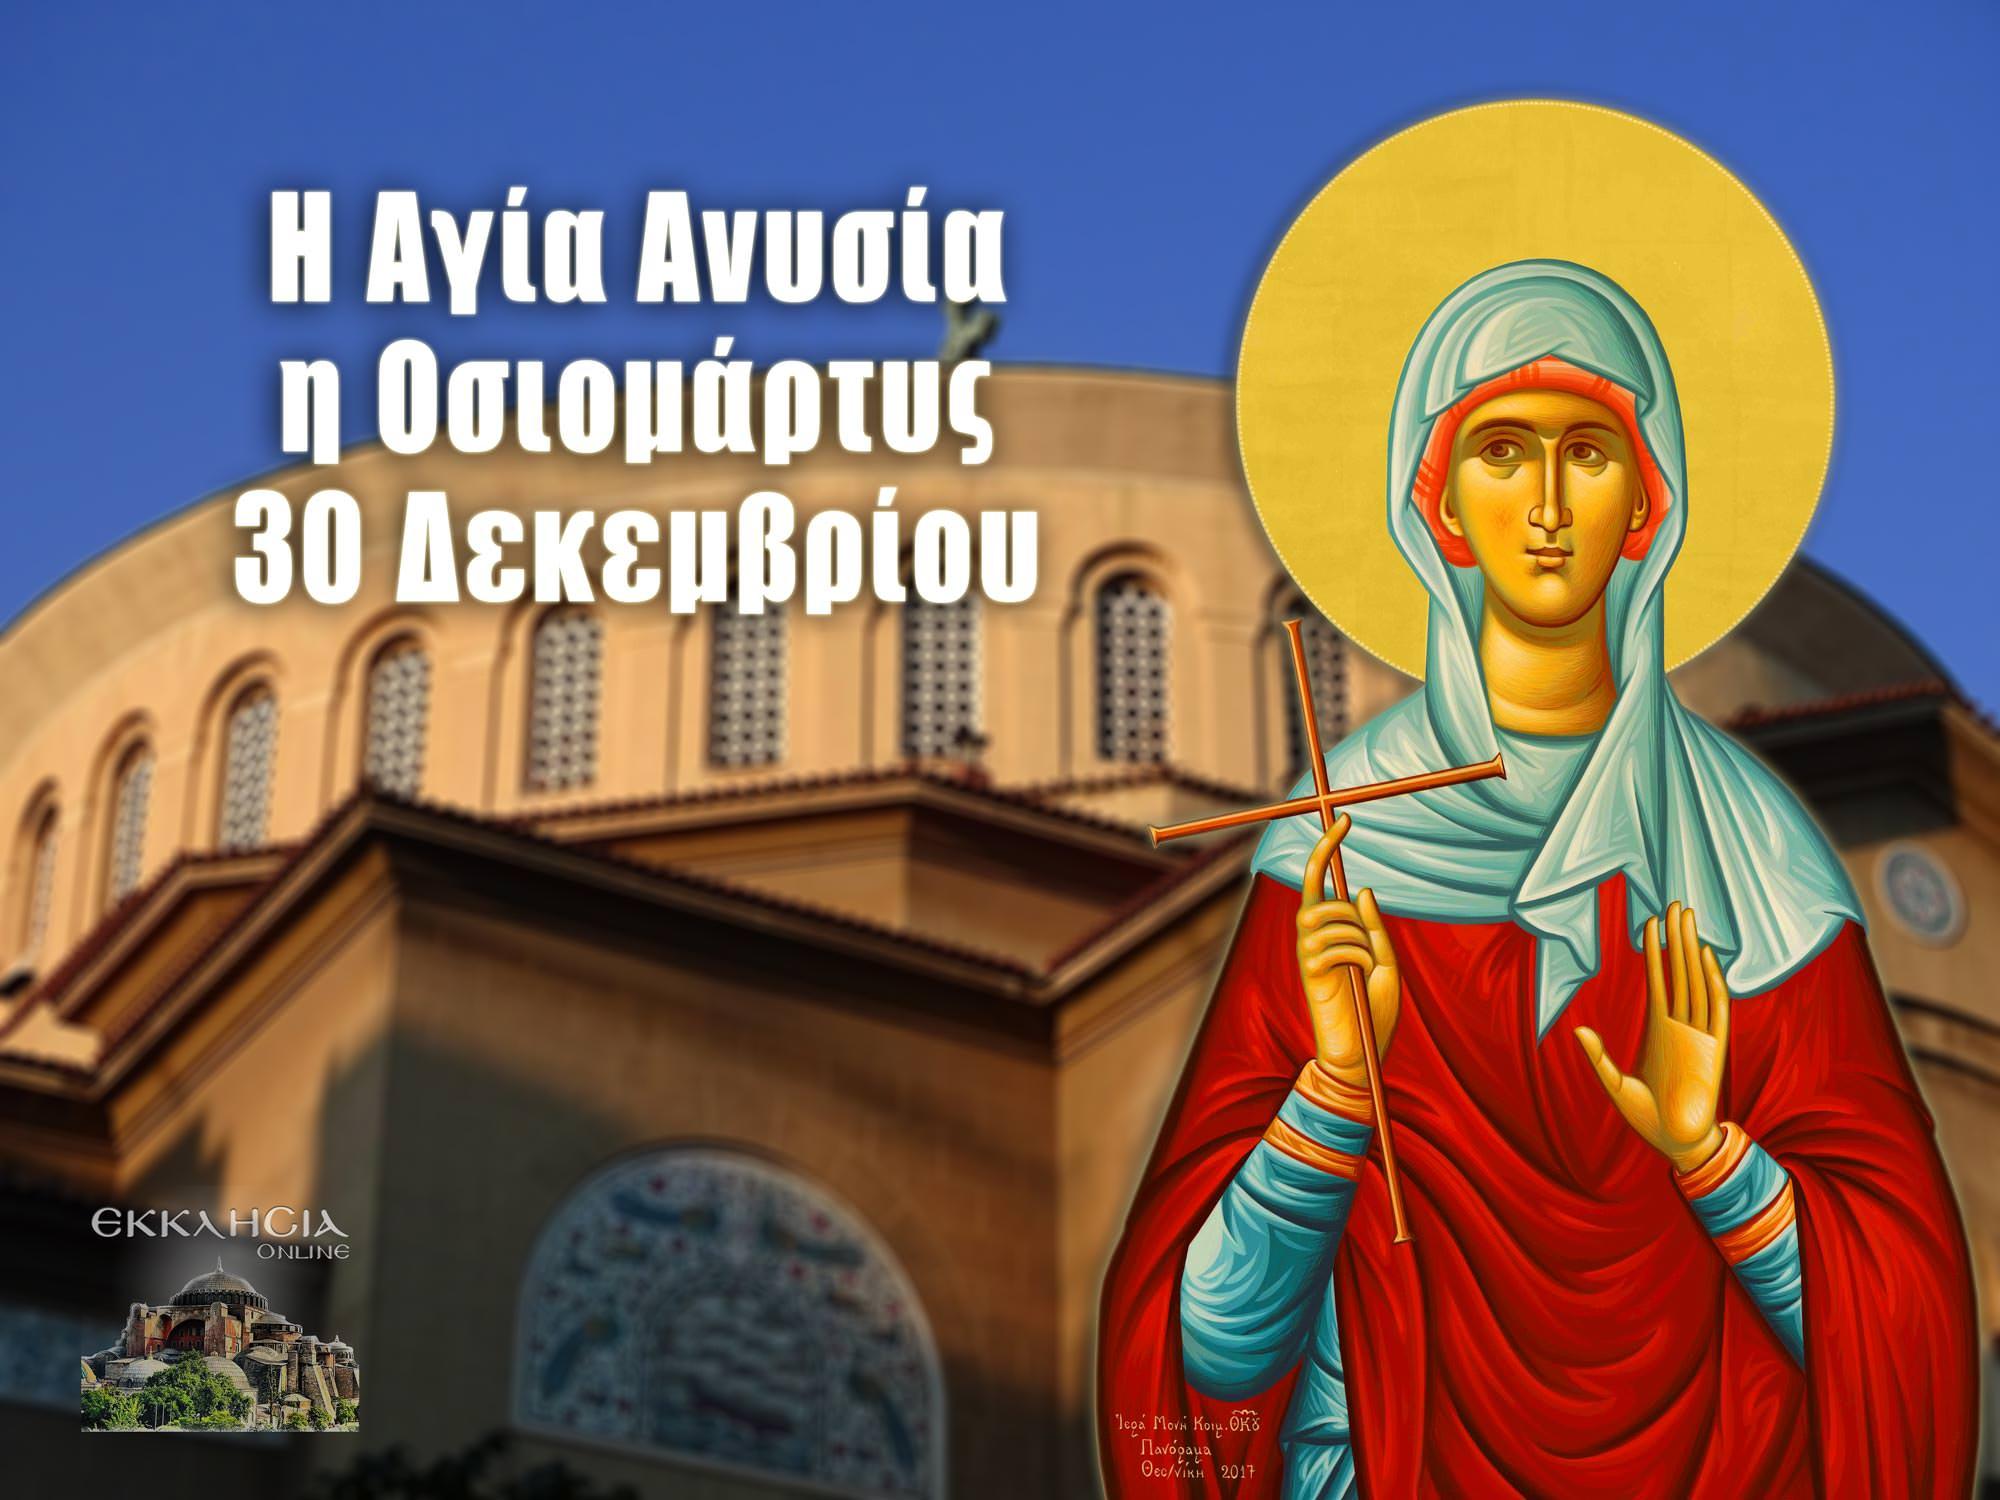 Αγία Ανυσία γιορτή 30 Δεκεμβρίου